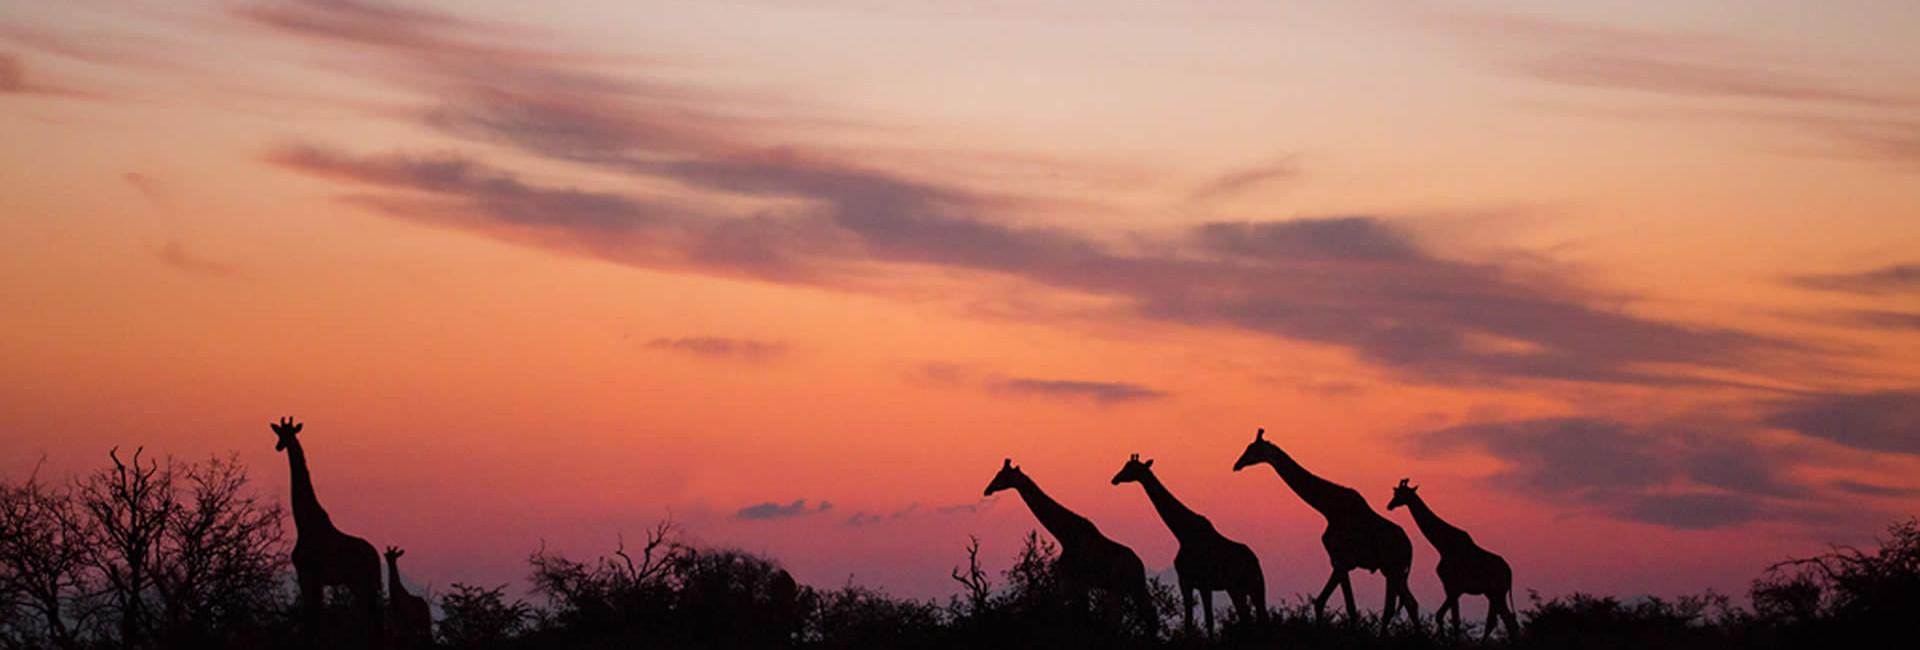 Spectacular sunsets over the Kalahari Desert